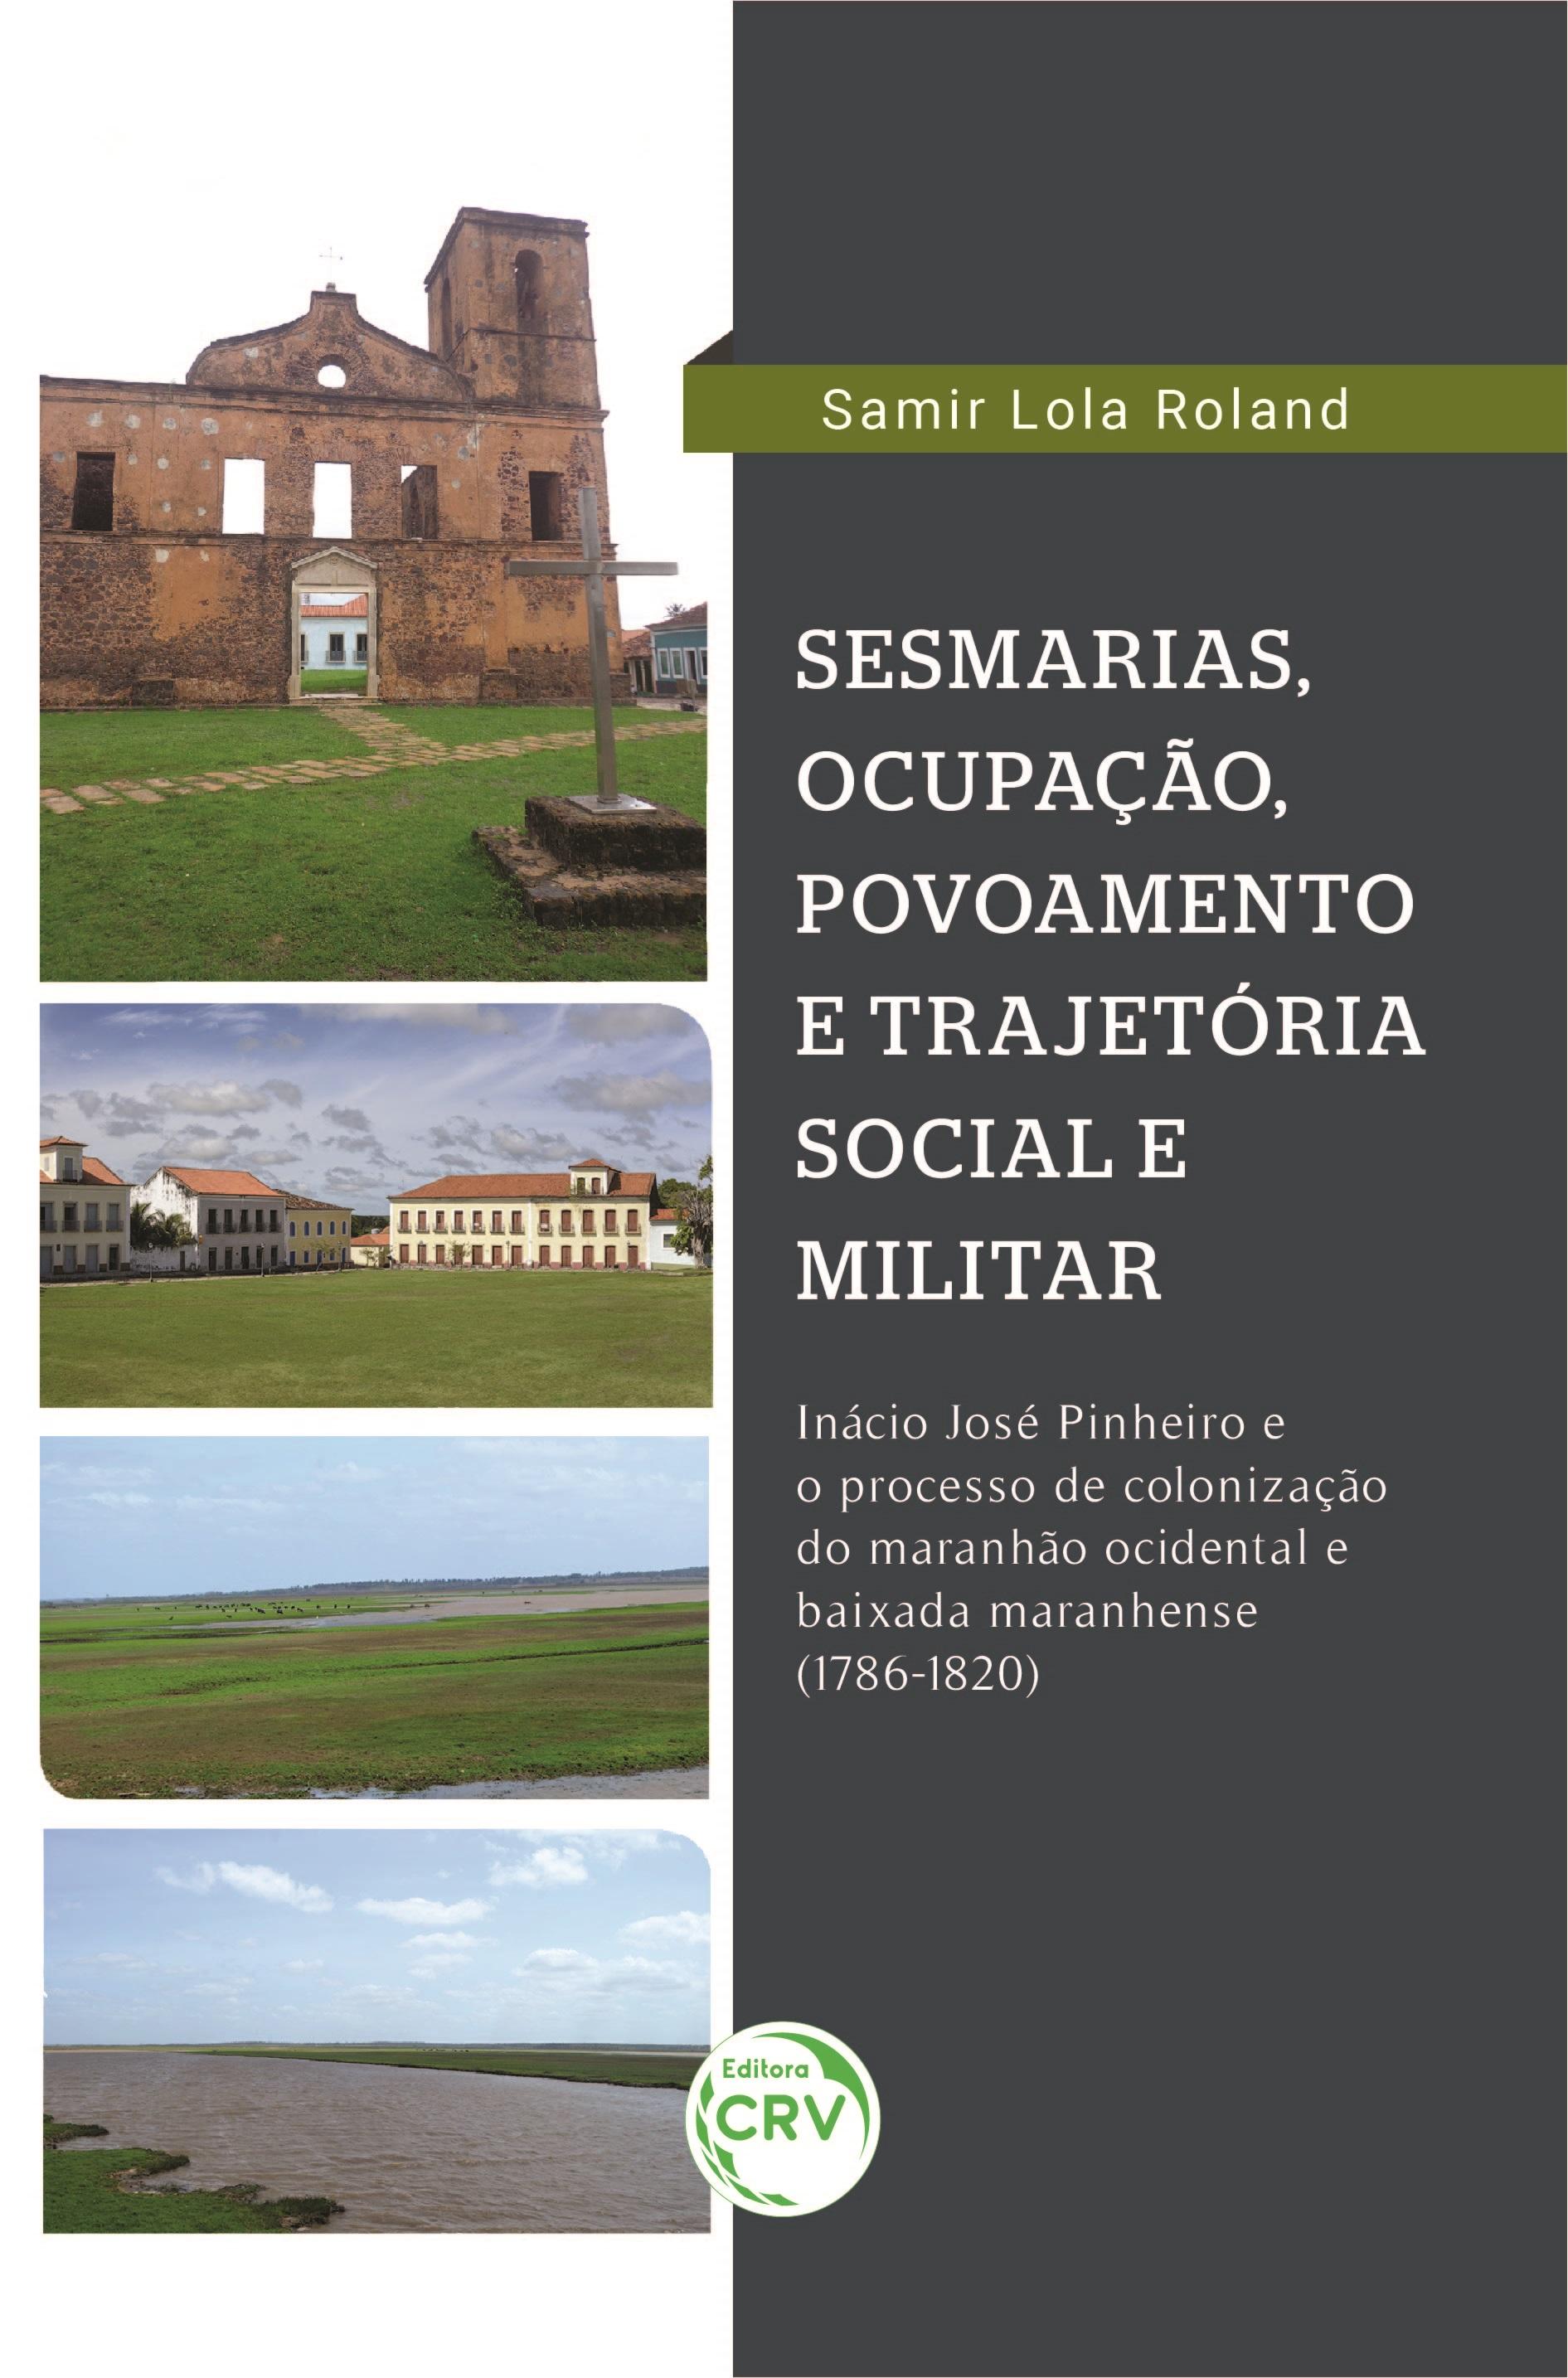 Capa do livro: SESMARIAS, POVOAMENTO E TRAJETÓRIA MILITAR: <br> Inácio José Pinheiro e o processo de colonização do Maranhão Ocidental e Baixada Maranhense (1786-1820)